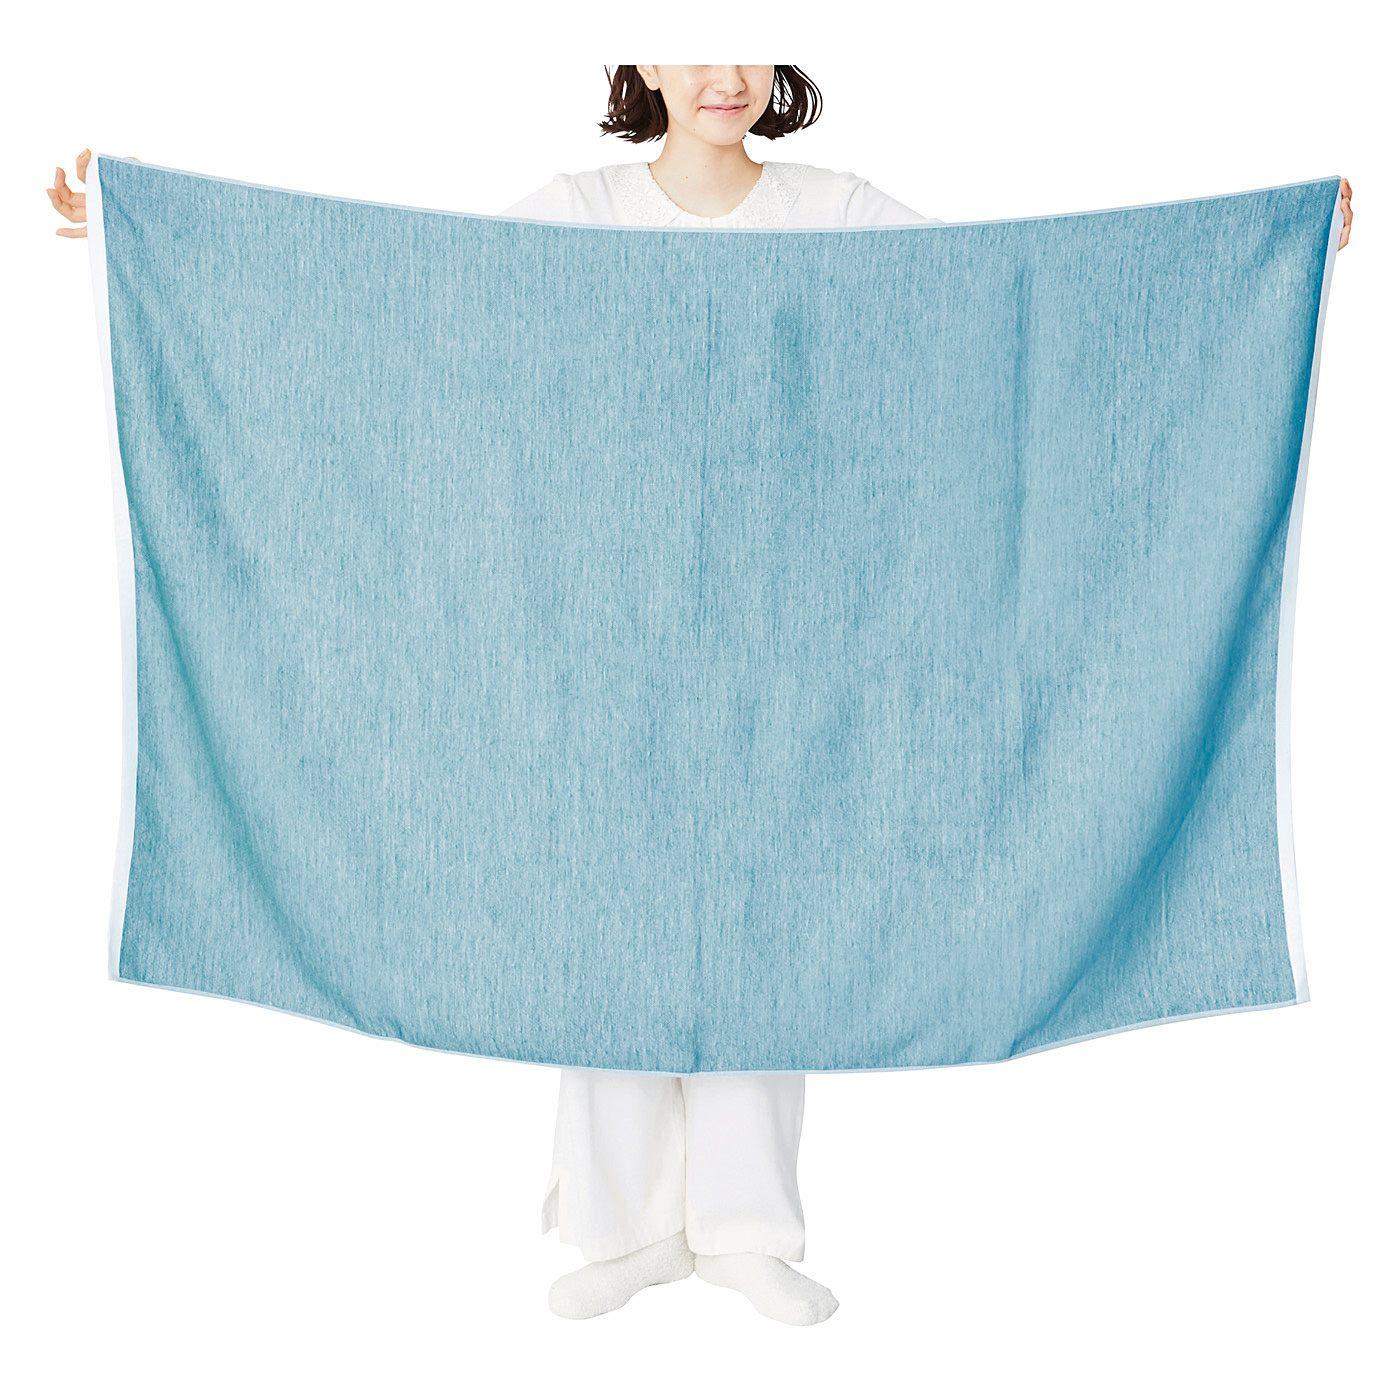 お昼寝ケットにも使える大判サイズ。